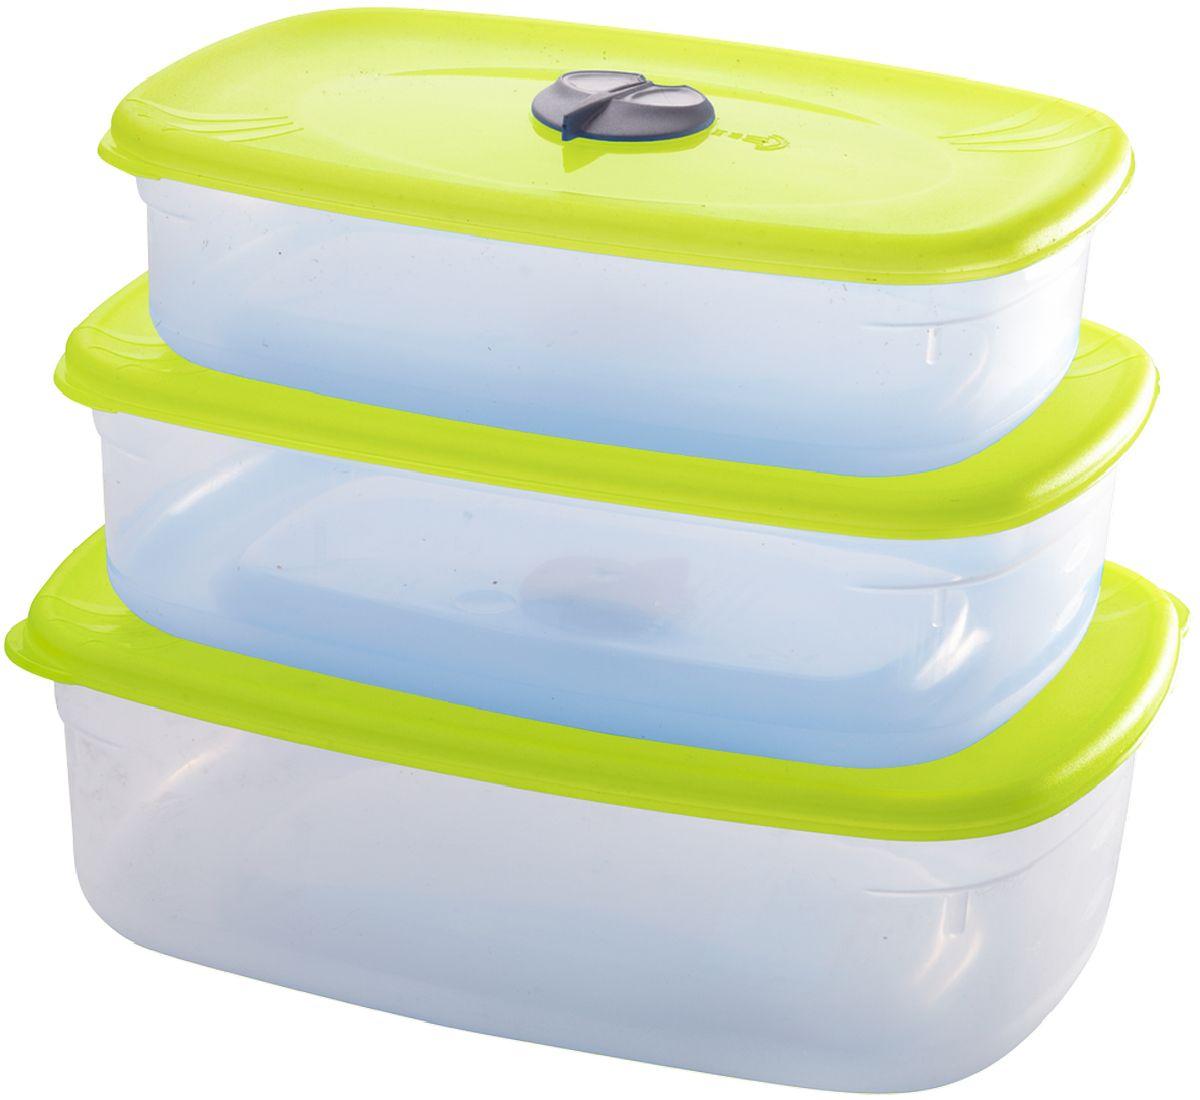 Комплект емкостей для СВЧ Plastic Centre, с паровыпускным клапаном, цвет: светло-зеленый, прозрачный, 3 шт емкость для хранения plastic centre сфера цвет светло зеленый прозрачный 2 л